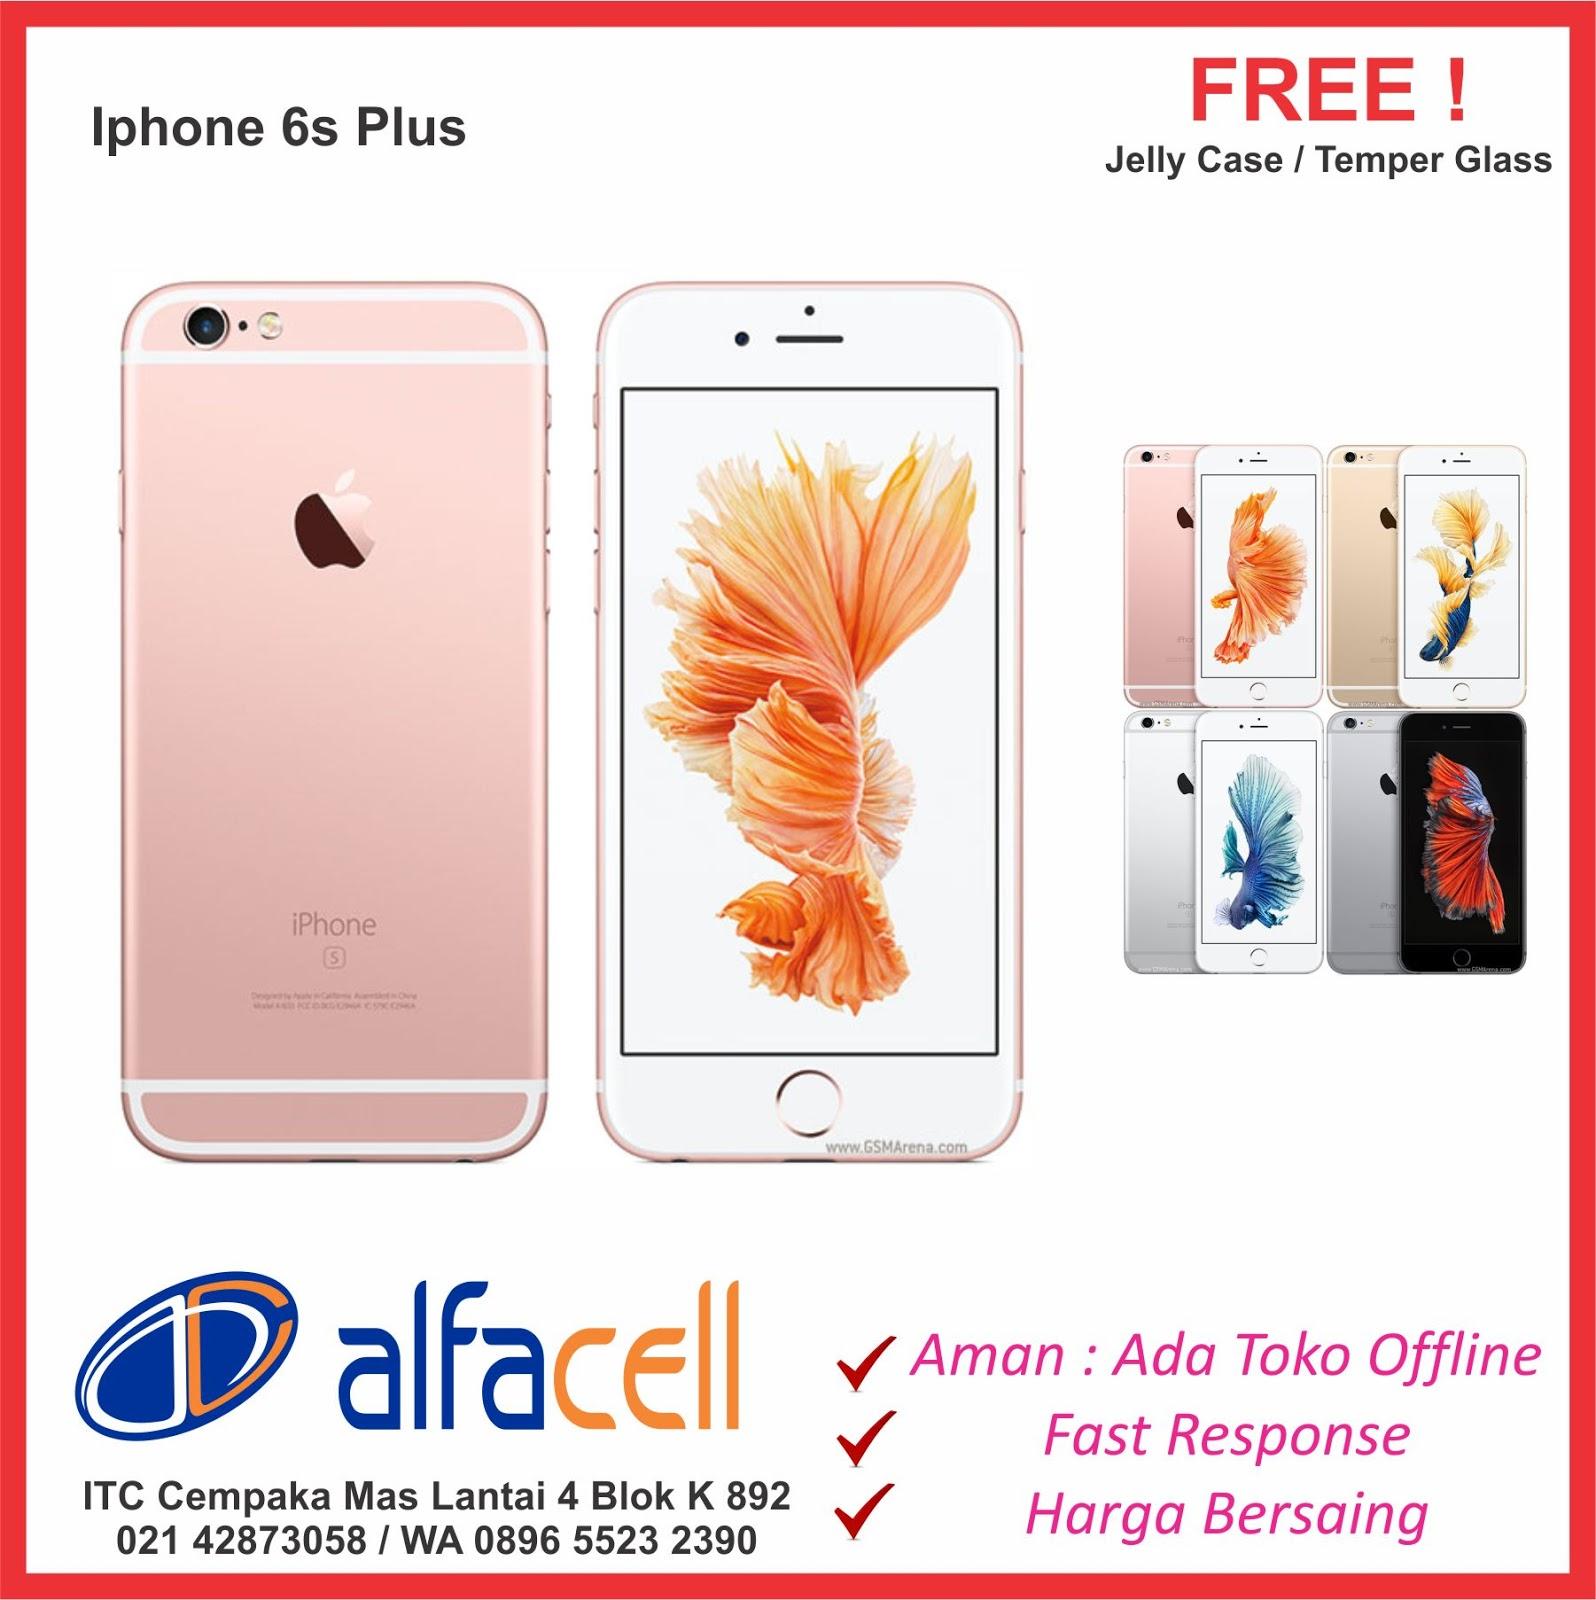 Iphone 6s 6s Plus + Murah ITC Cempaka Mas. Bisa Kredit Tanpa Kartu Kredit    Cash. Bisa COD Kirim dan bayar ditempat. 41ecb05931